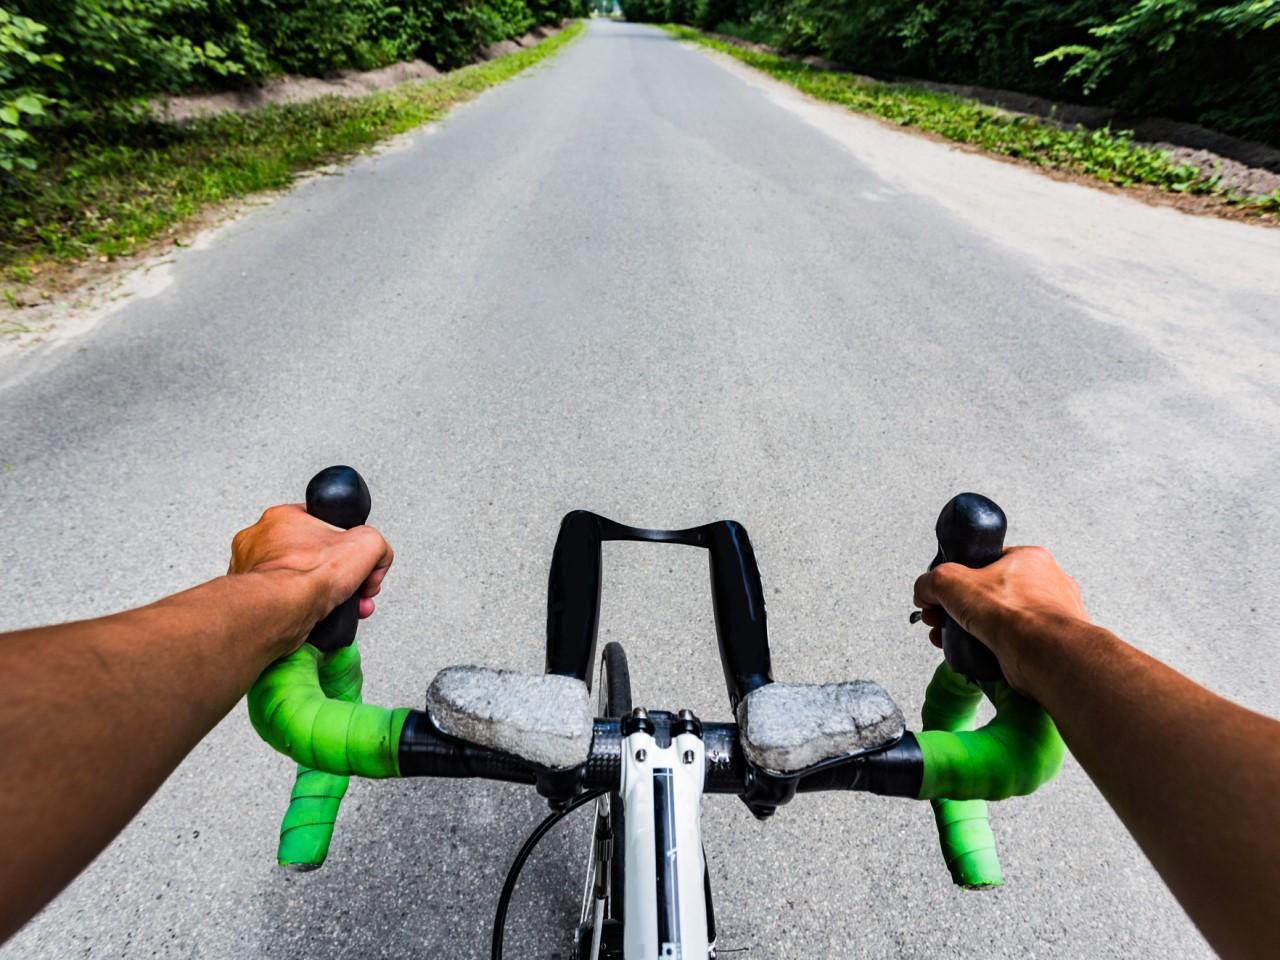 fahrradlenker-mit-lenkerband